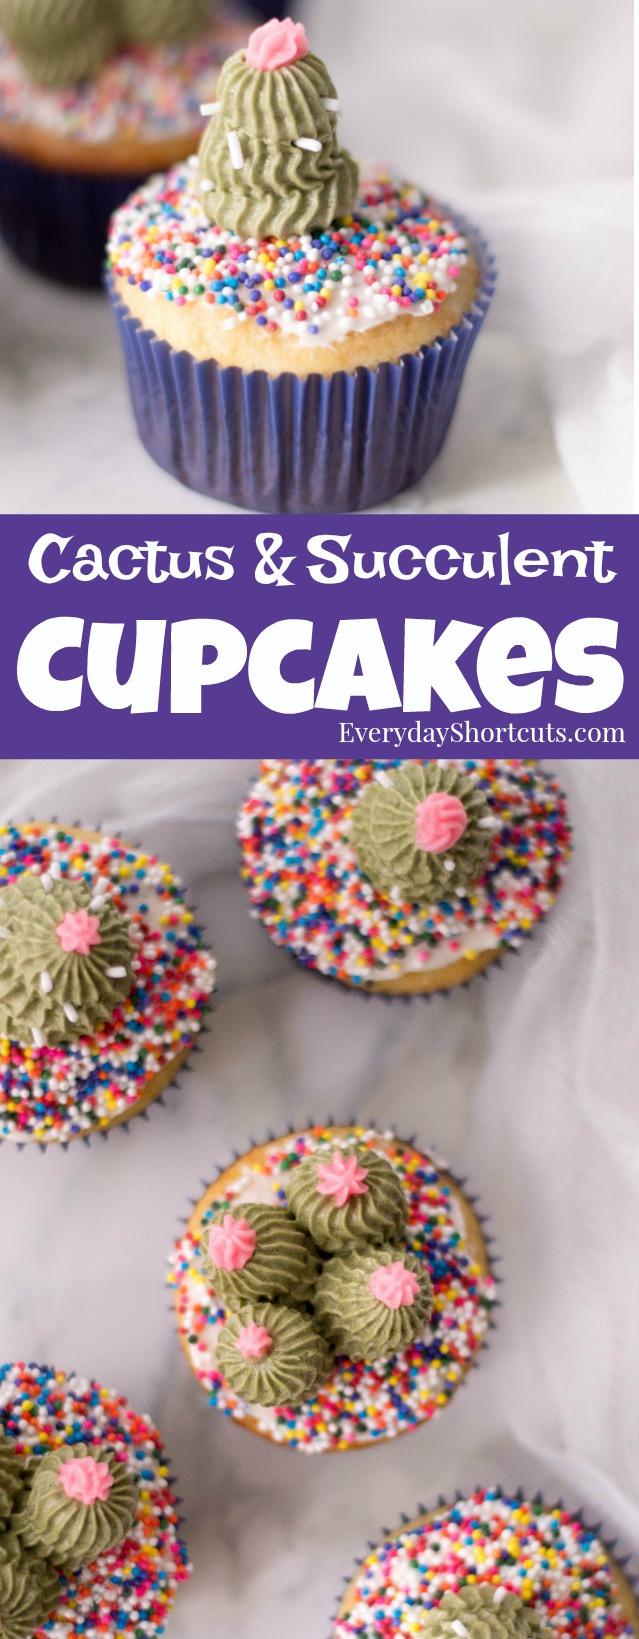 cactus-succulent-cupcakes